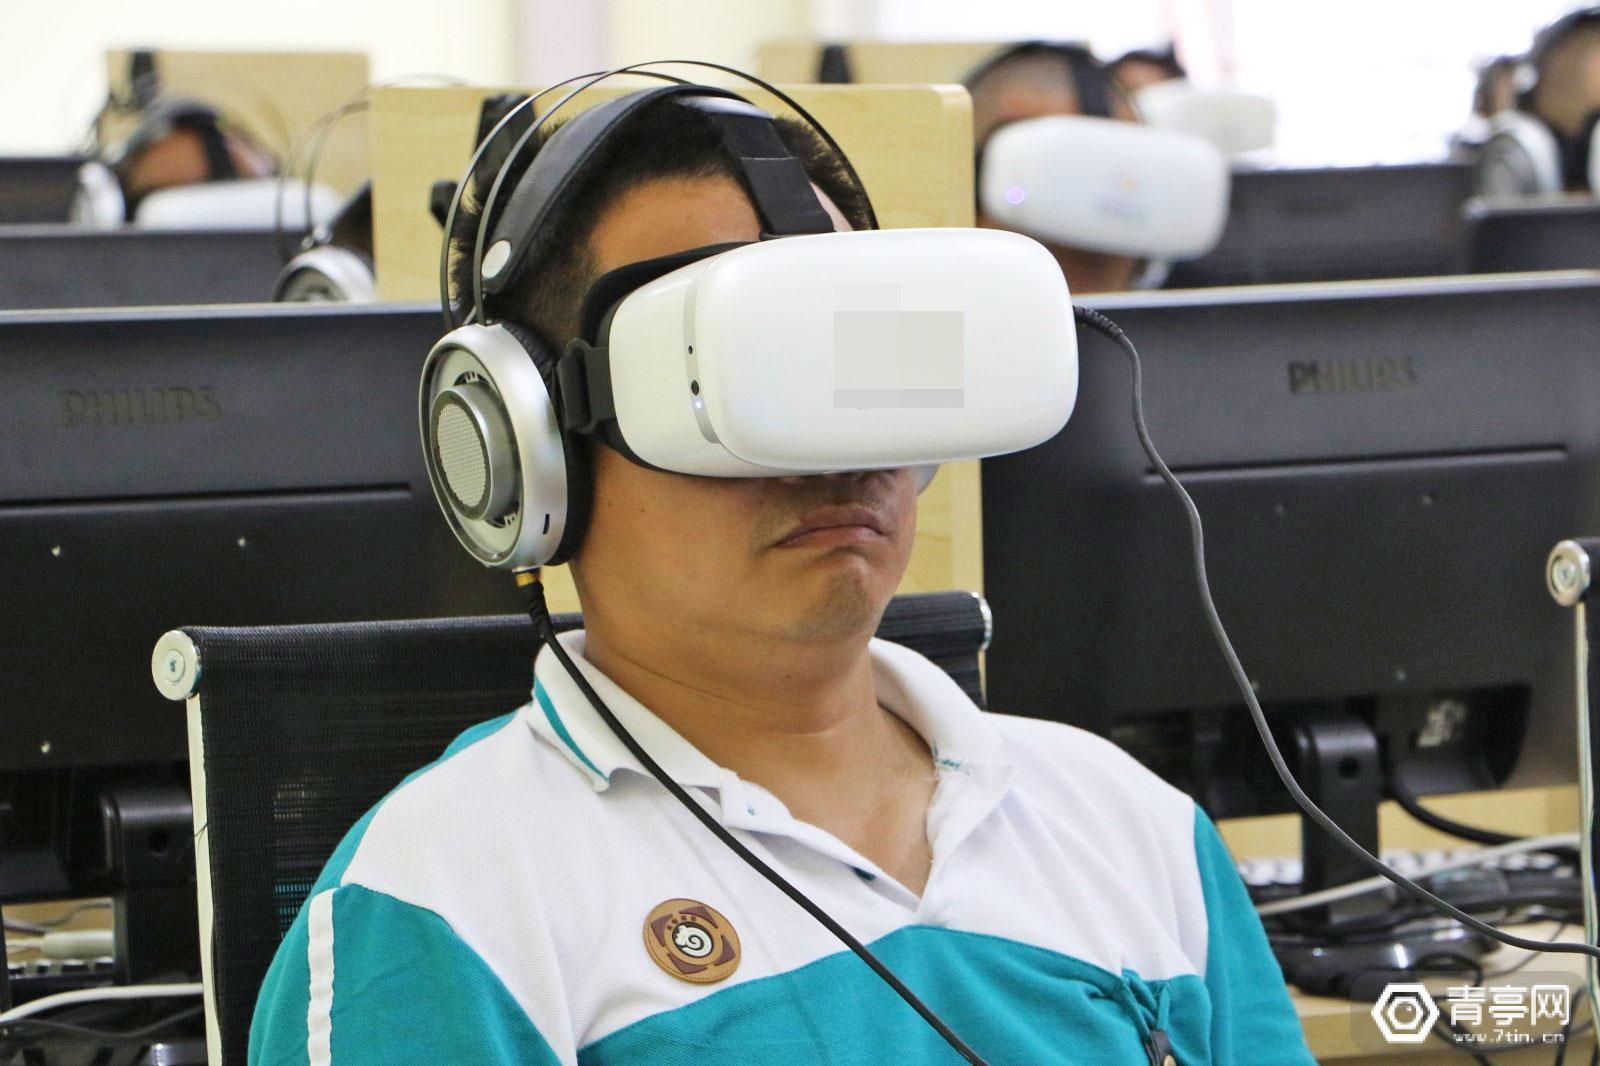 上海戒毒所用眼球追踪技术,识别瘾君子